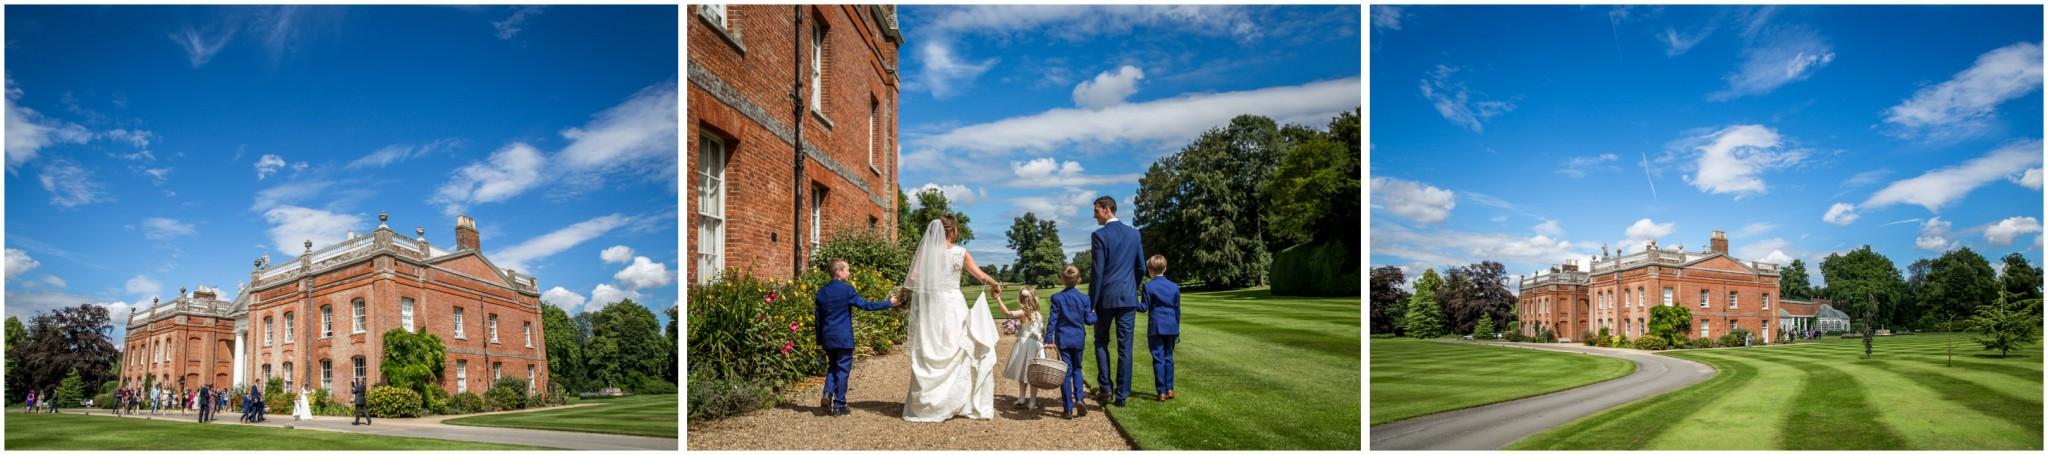 Avington Park Wedding In the gardens